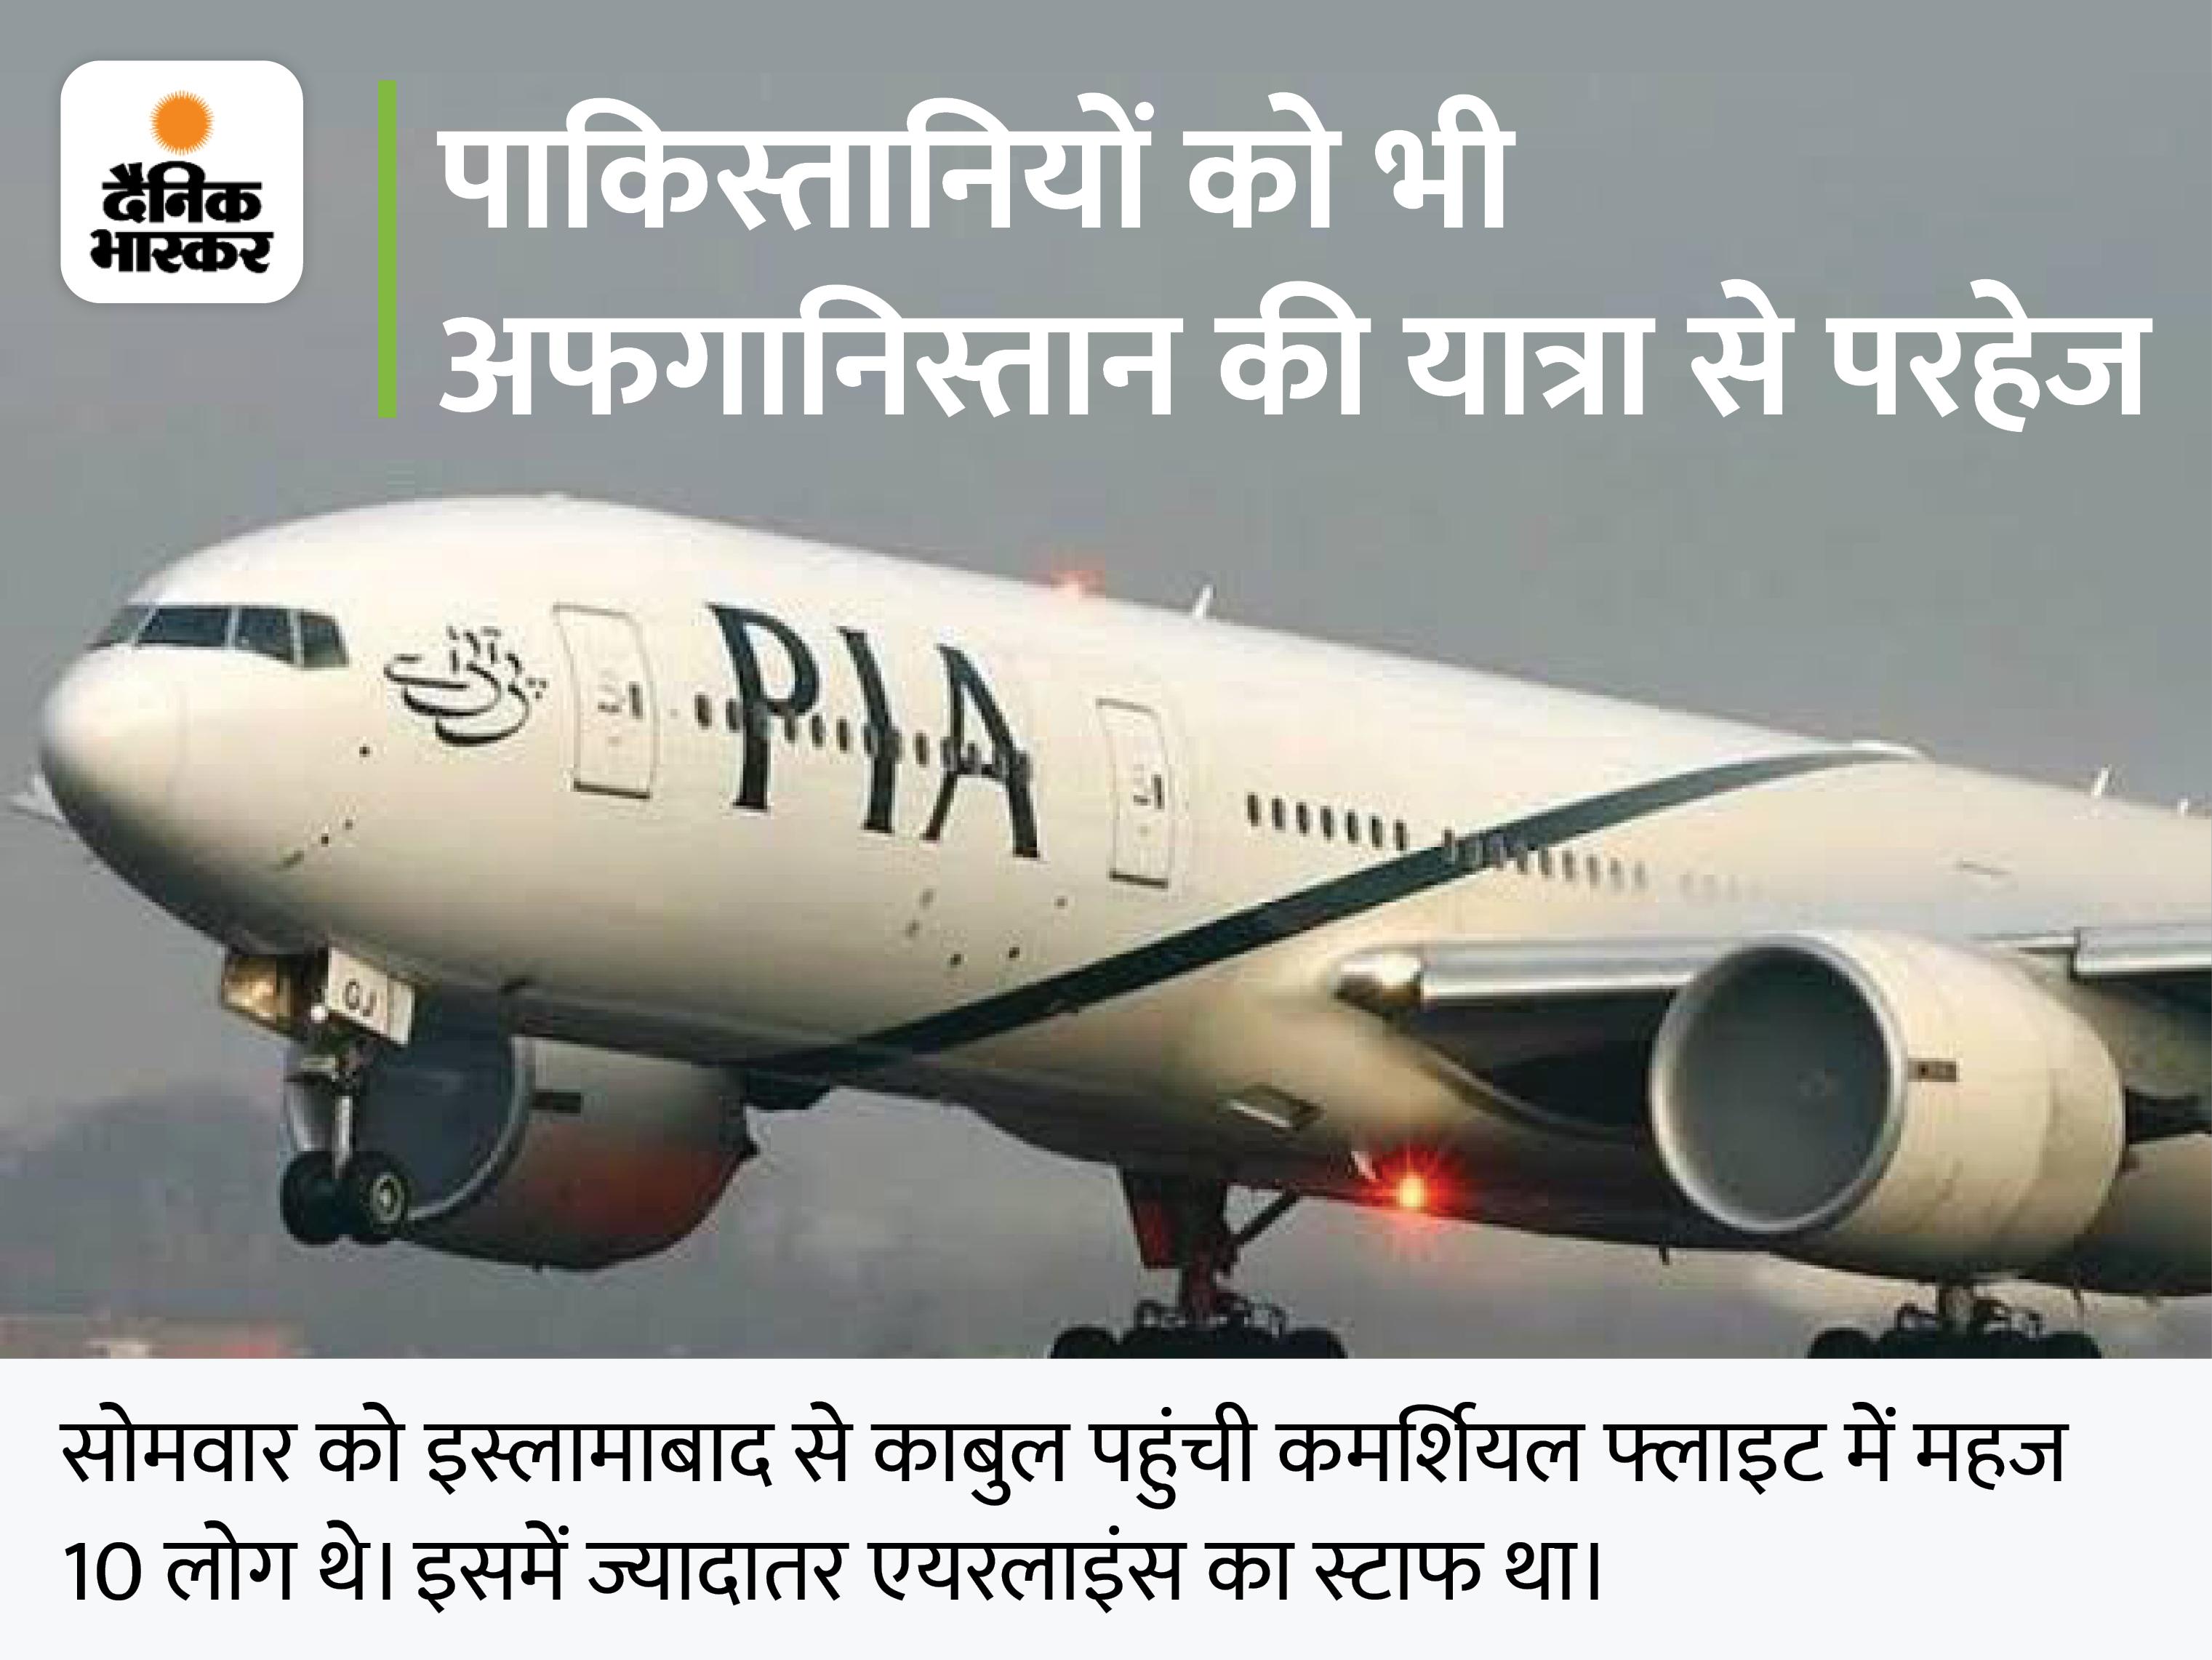 काबुल एयरपोर्ट पर उतरे PIA के प्लेन में सवार थे सिर्फ 10 लोग; एयरलाइंस स्टाफ की संख्या यात्रियों से ज्यादा थी|विदेश,International - Dainik Bhaskar